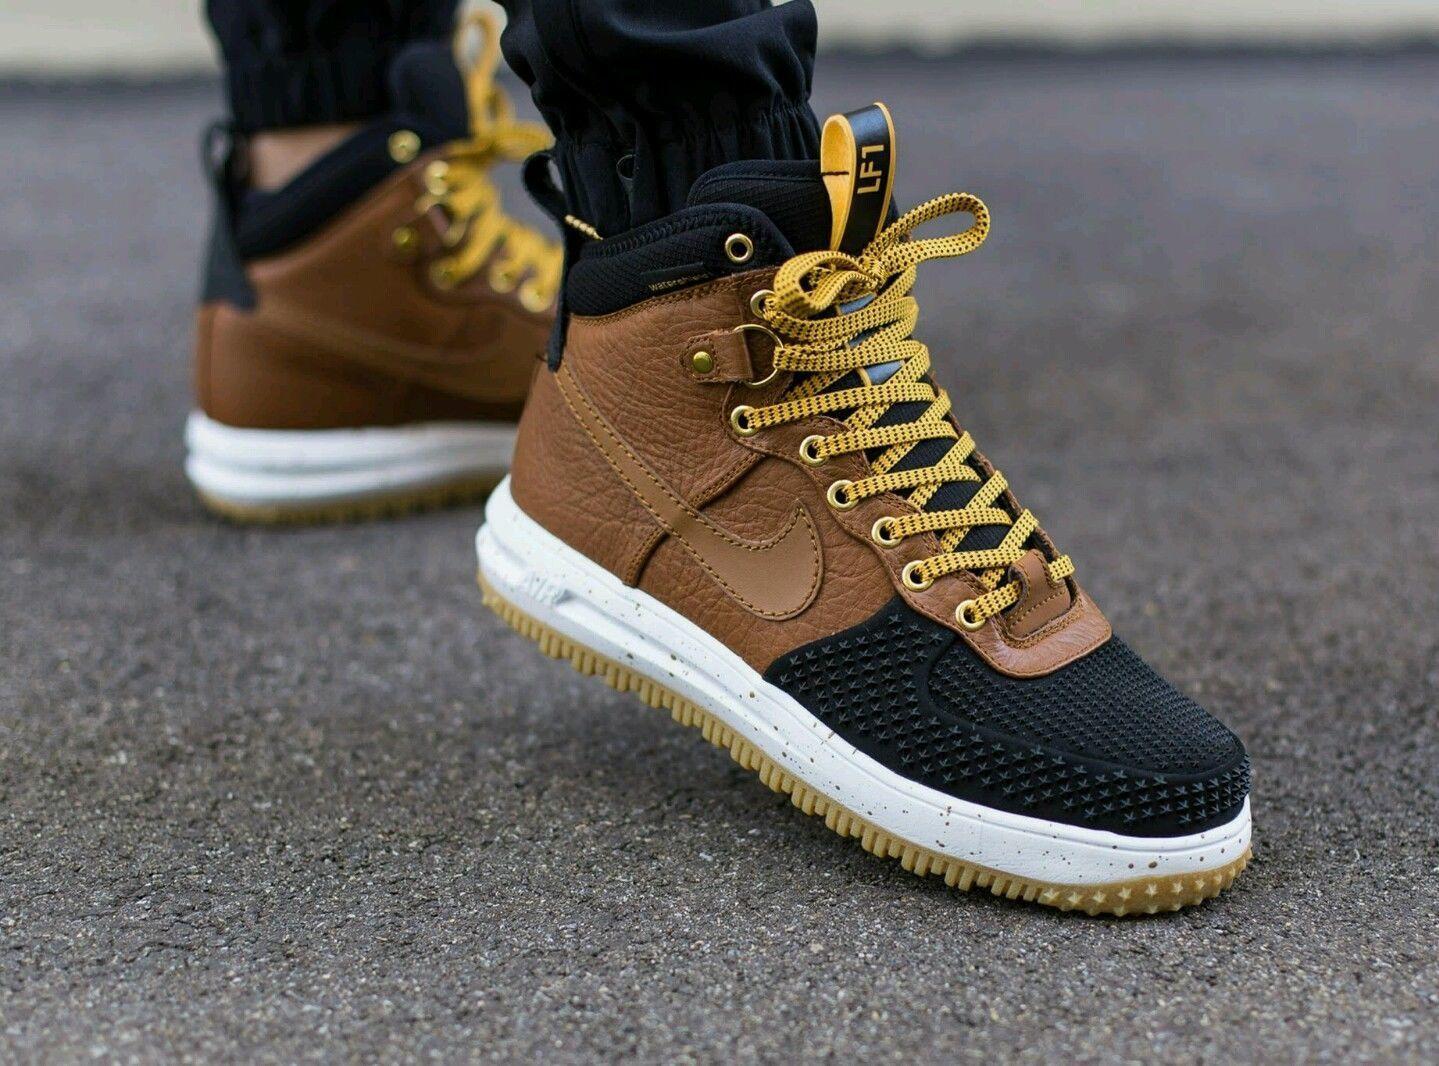 Nike Lunar Air Force One 1 Sneakerboot Duckboot 805899-004